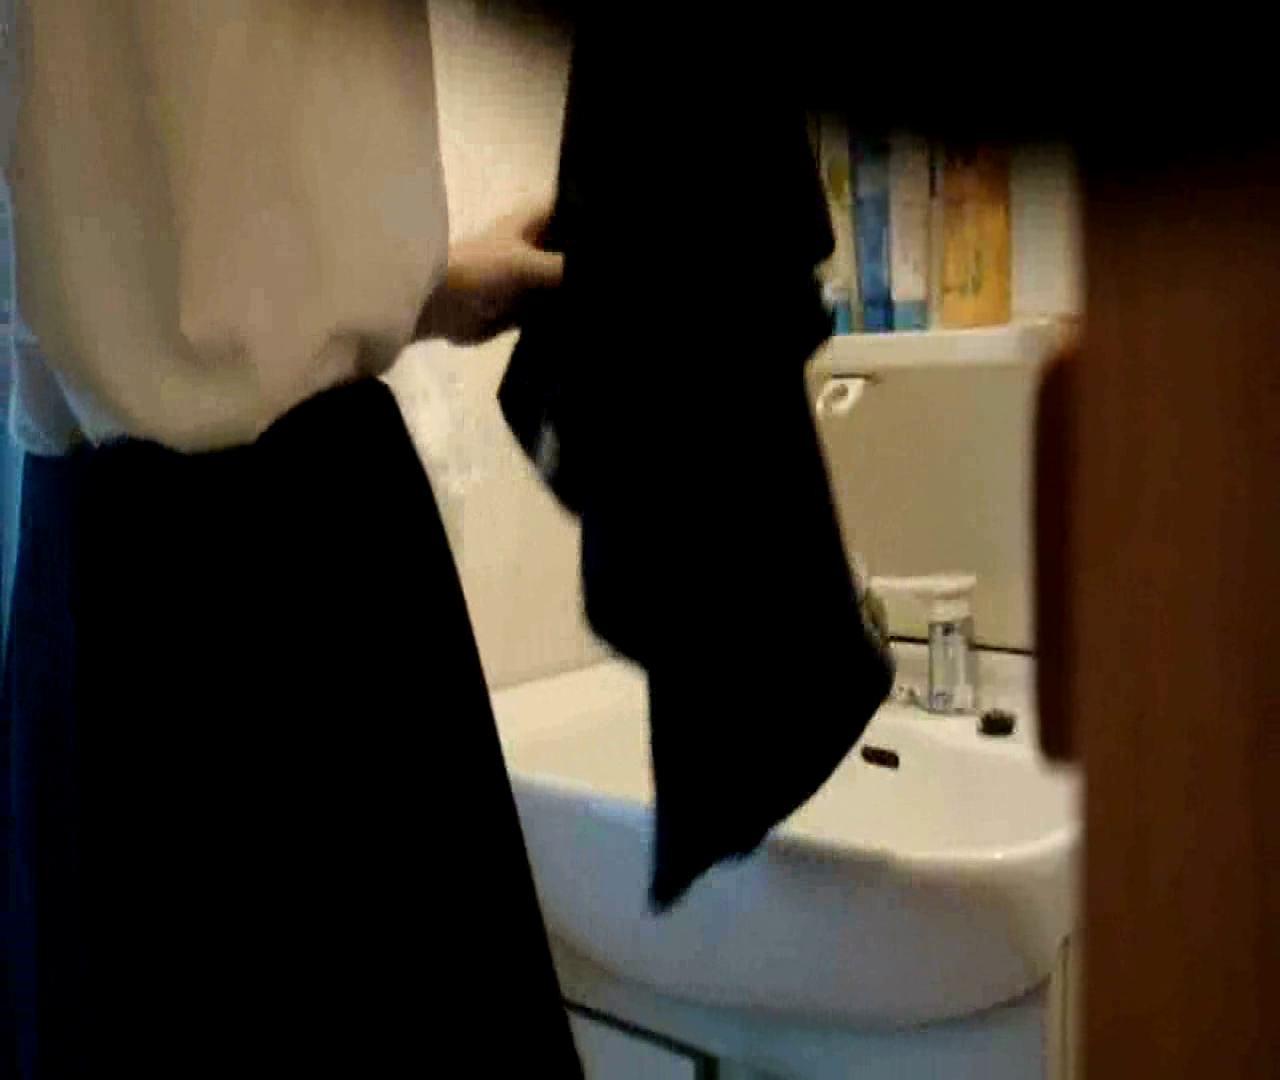 二人とも育てた甲斐がありました… vol.05 まどかが洗顔後にブラを洗濯 盗撮特集   おまんこ  86画像 73